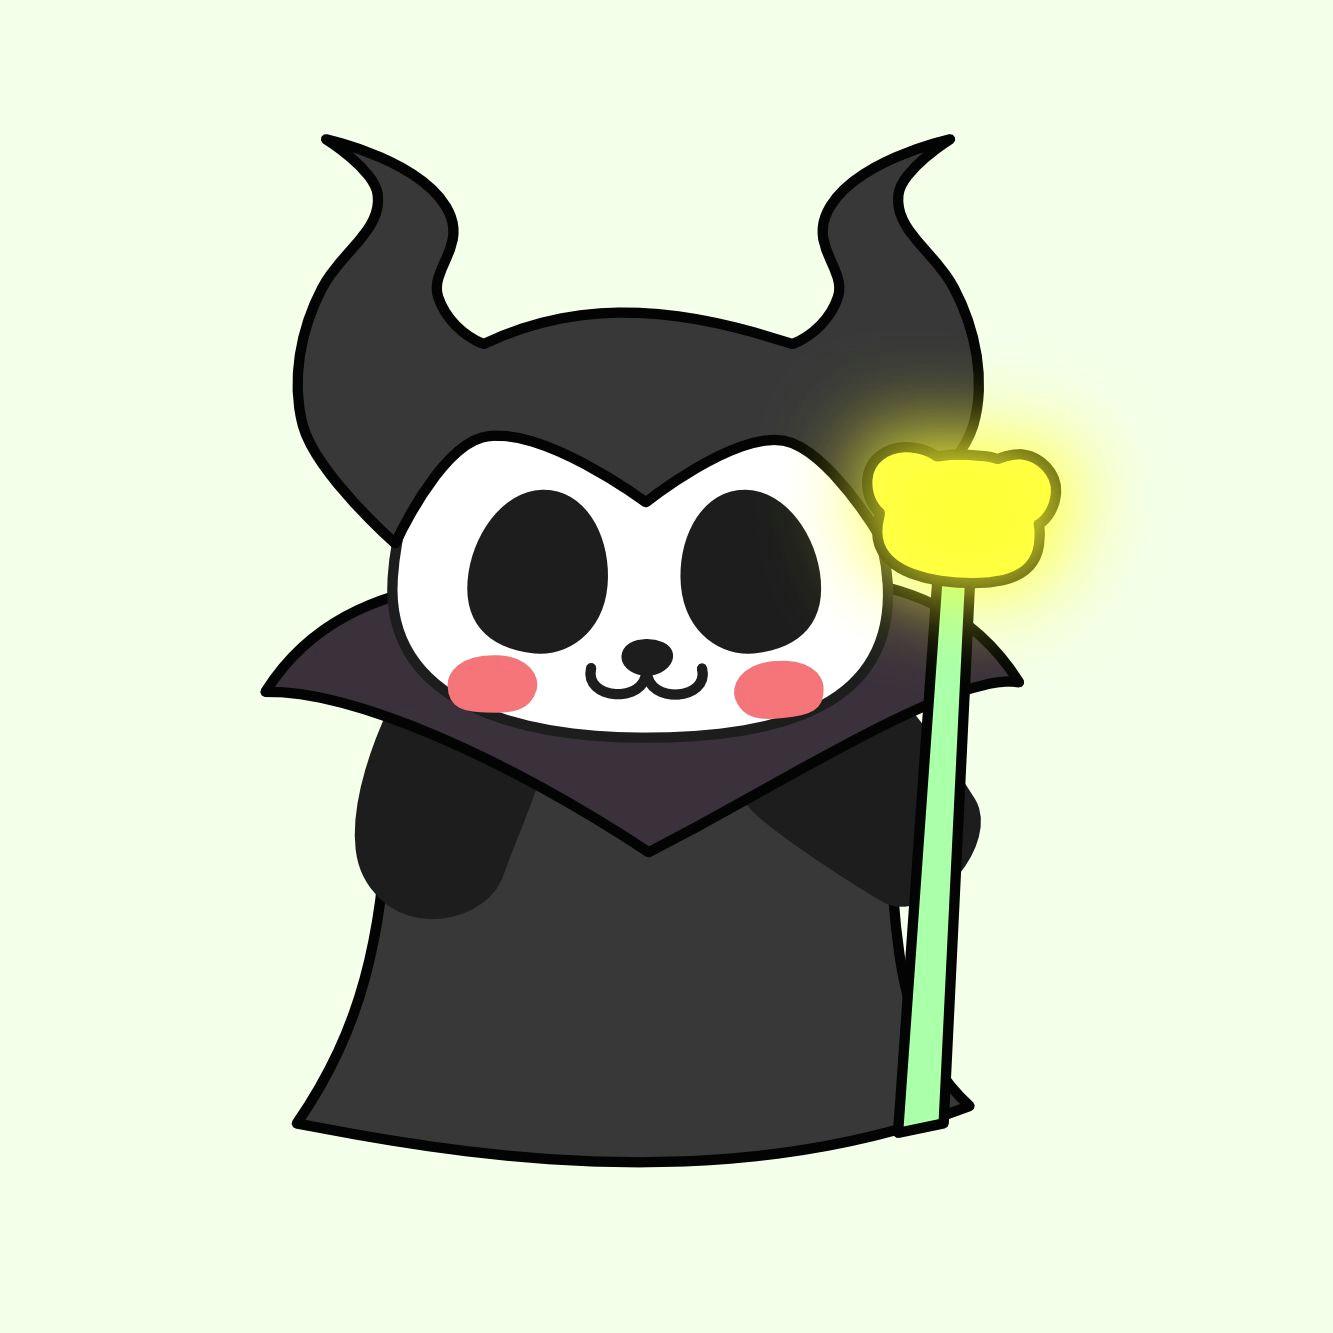 maleficent panda love cute panda red panda panda panda panda bears